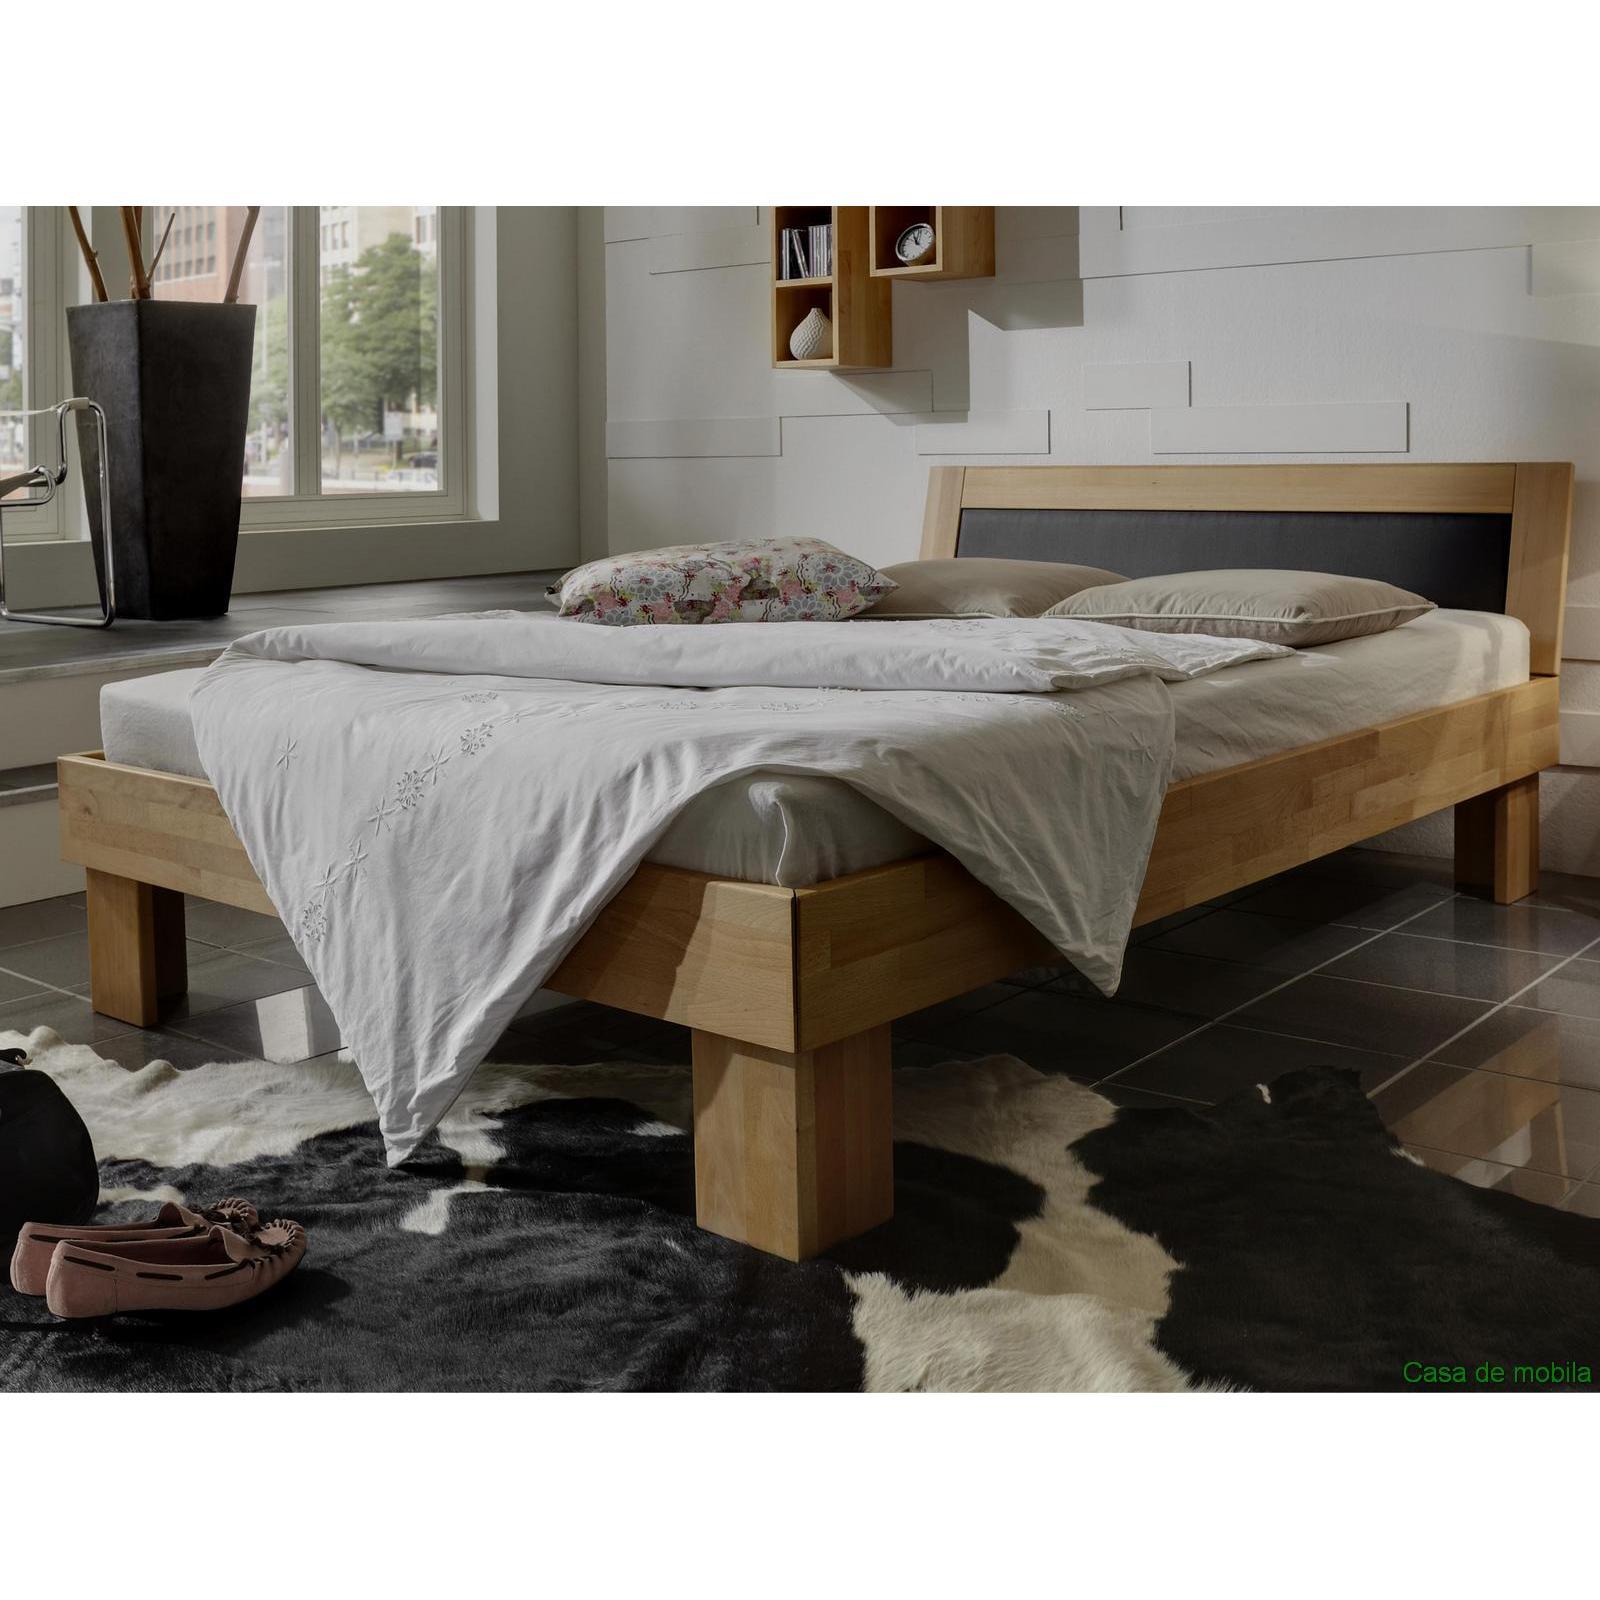 bett buche 100x200 bucheexxjpg with bett buche 100x200 beautiful doppelbett masse einzelbett. Black Bedroom Furniture Sets. Home Design Ideas